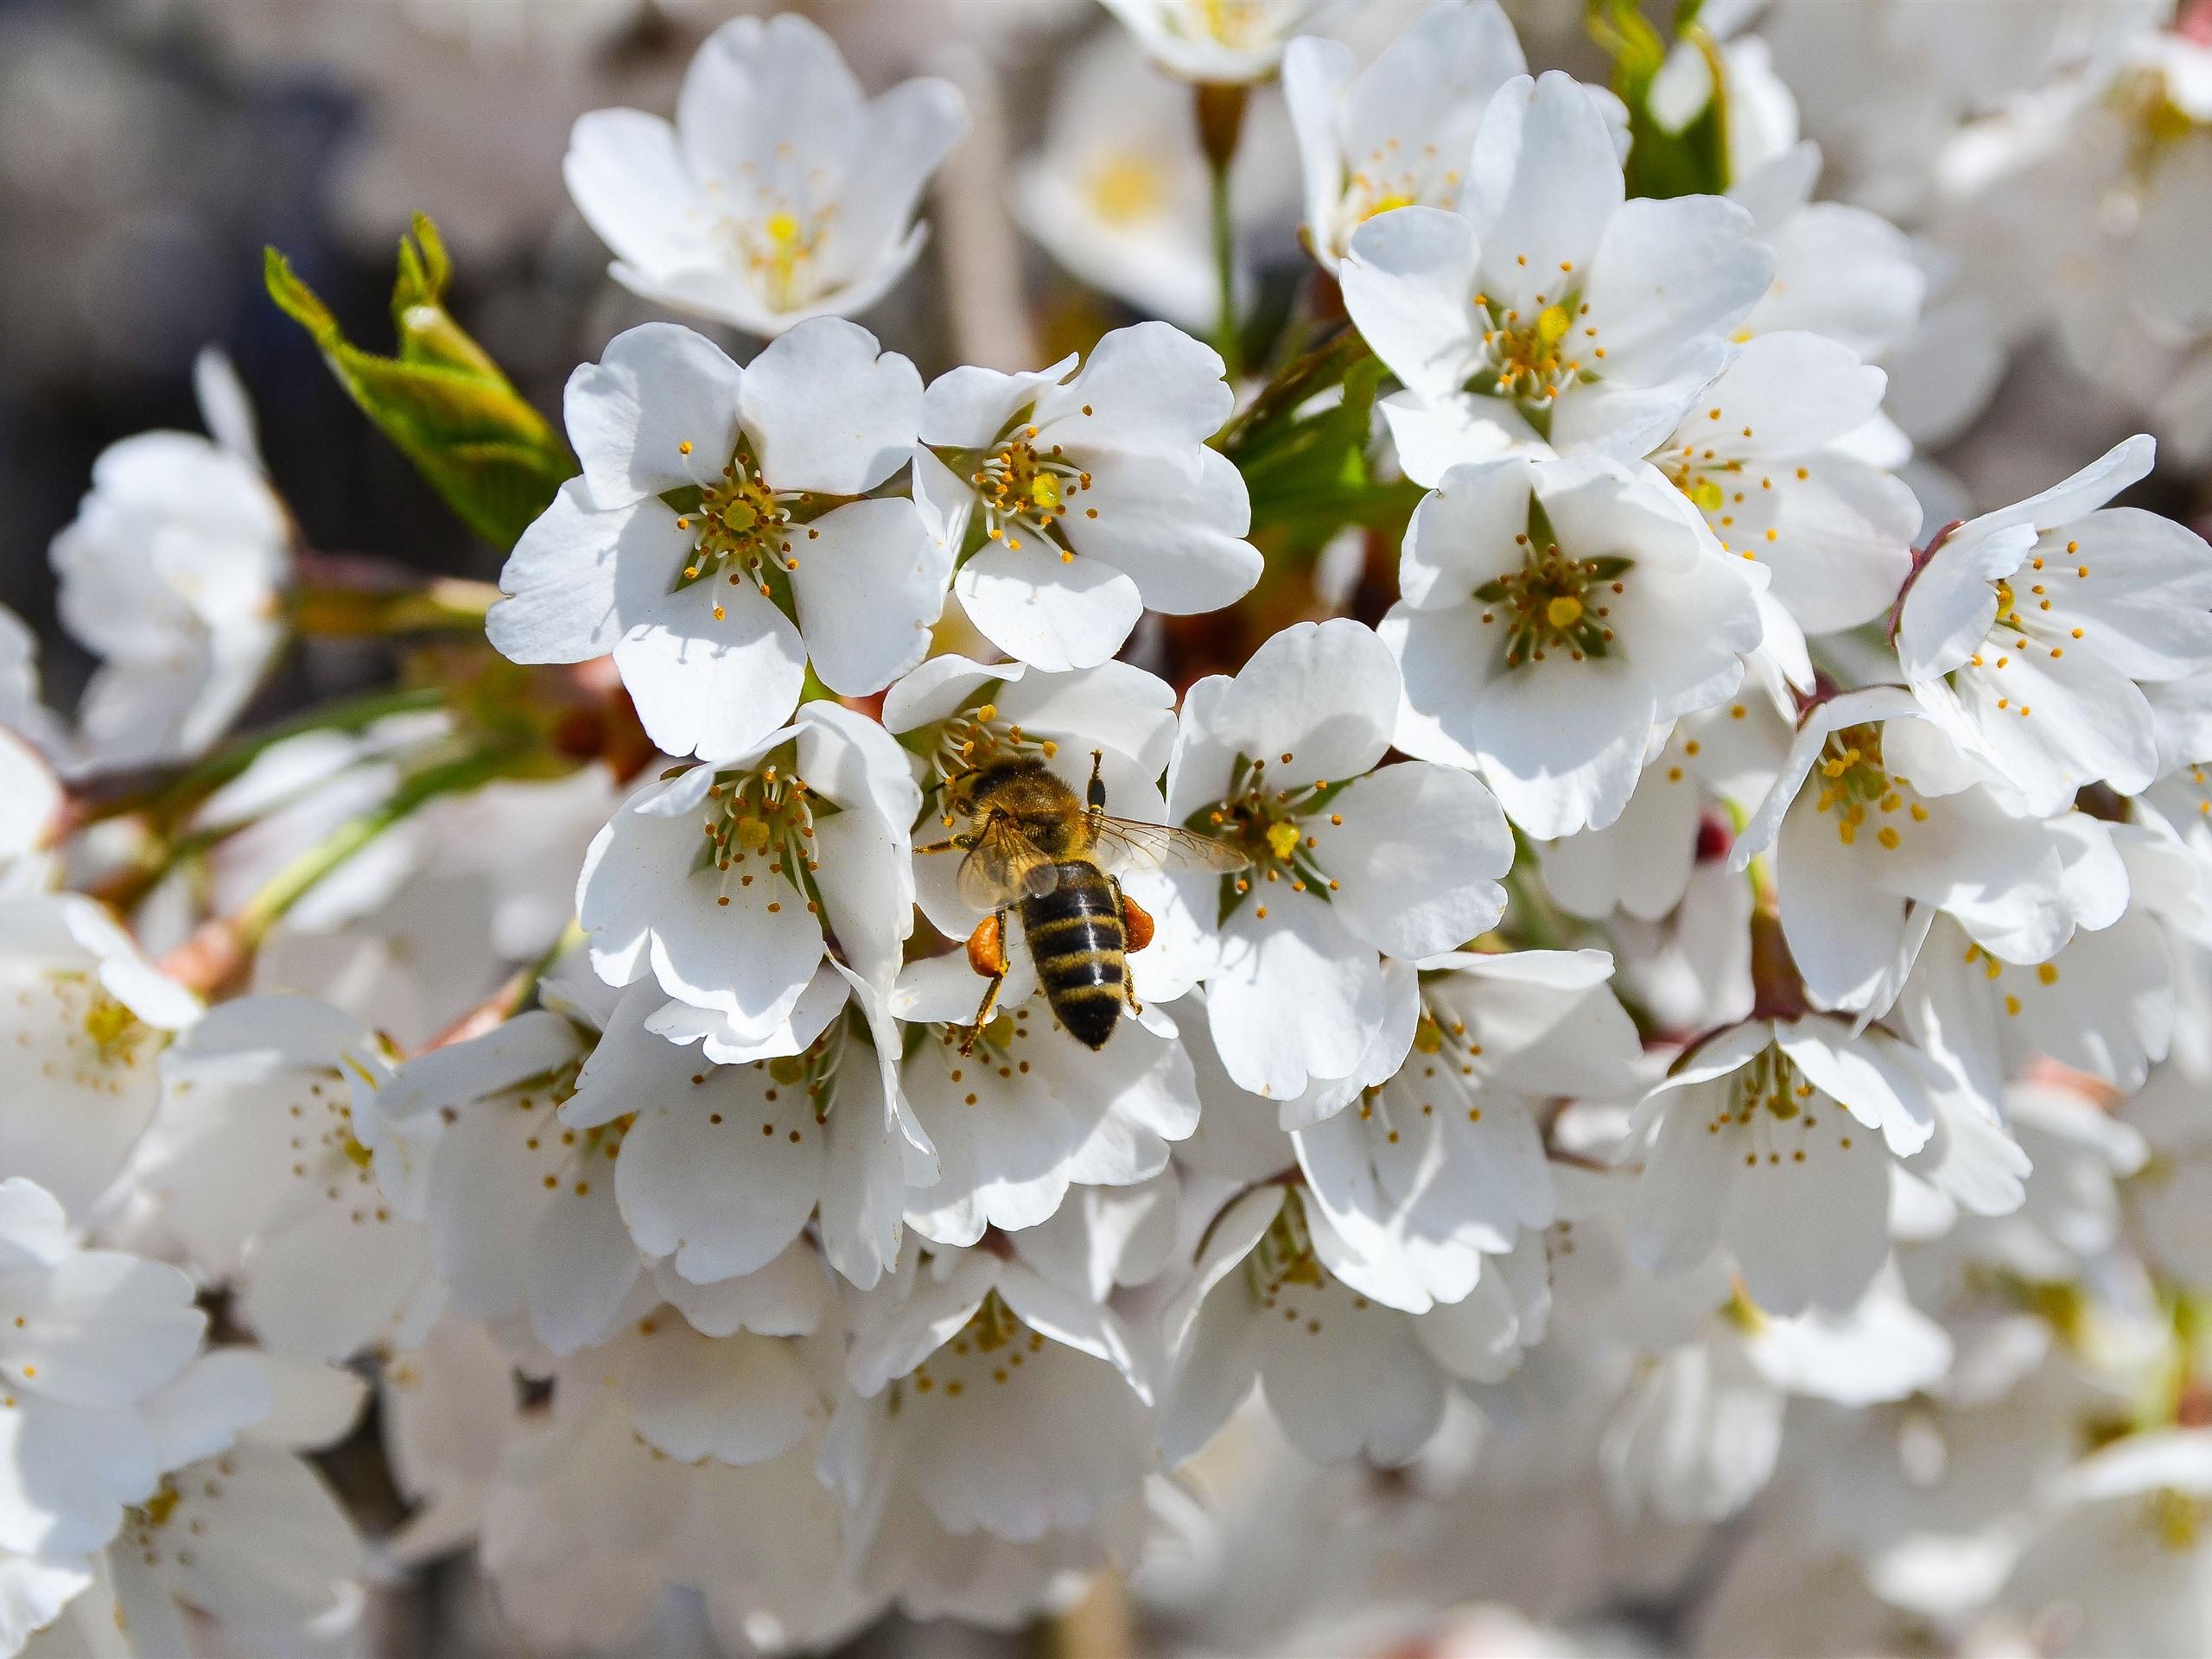 Wallpaper White Flowers, Bee, Spring 3840x2160 UHD 4K